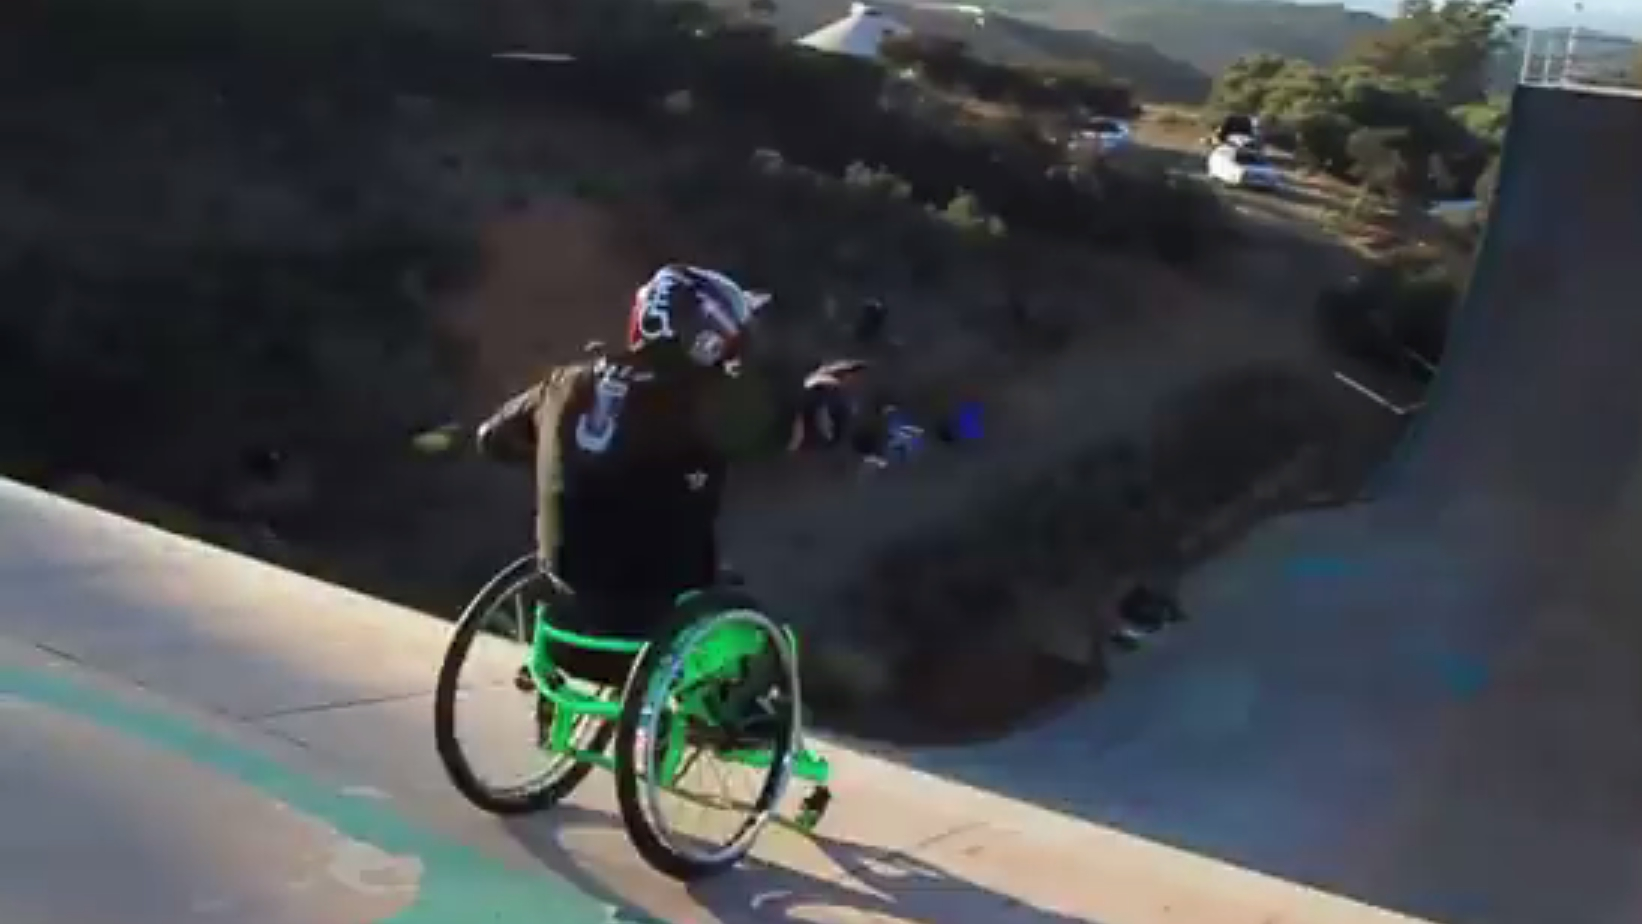 Extremer Sprung: Im Rollstuhl über die Mega-Rampe